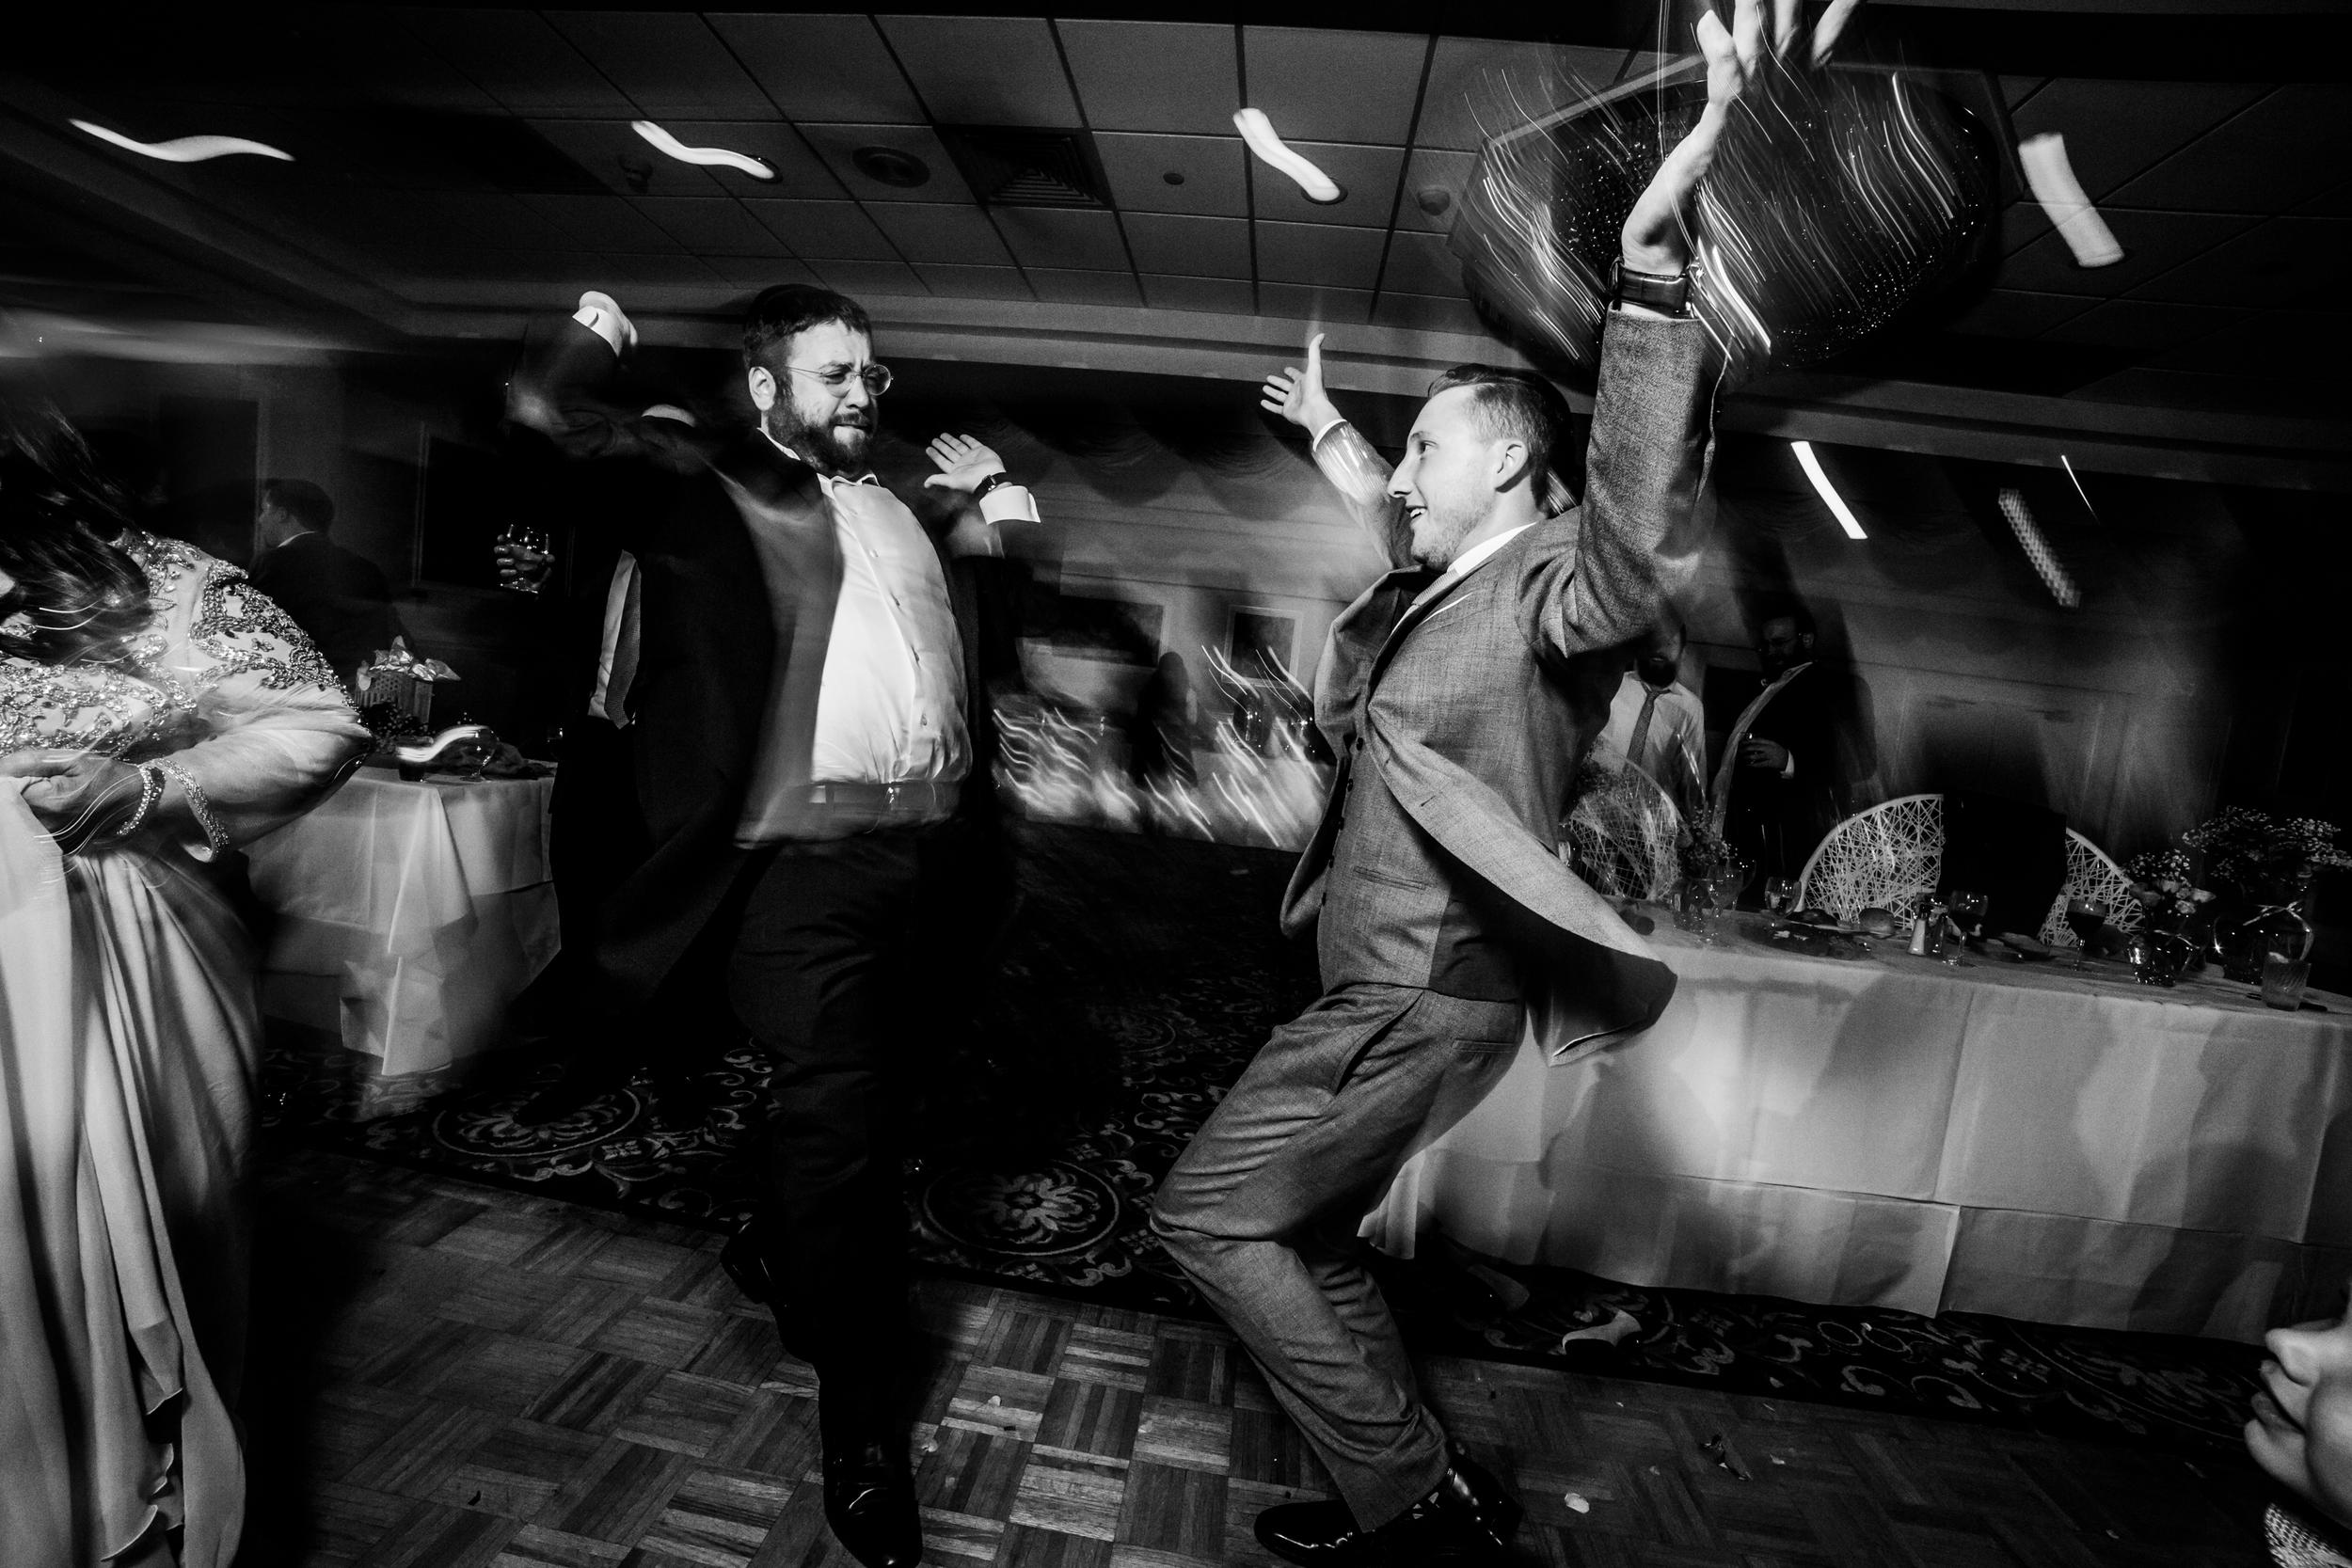 Wedding Etya & Sergey - Eliau Piha studio photography, new york, events, people-0738.jpg